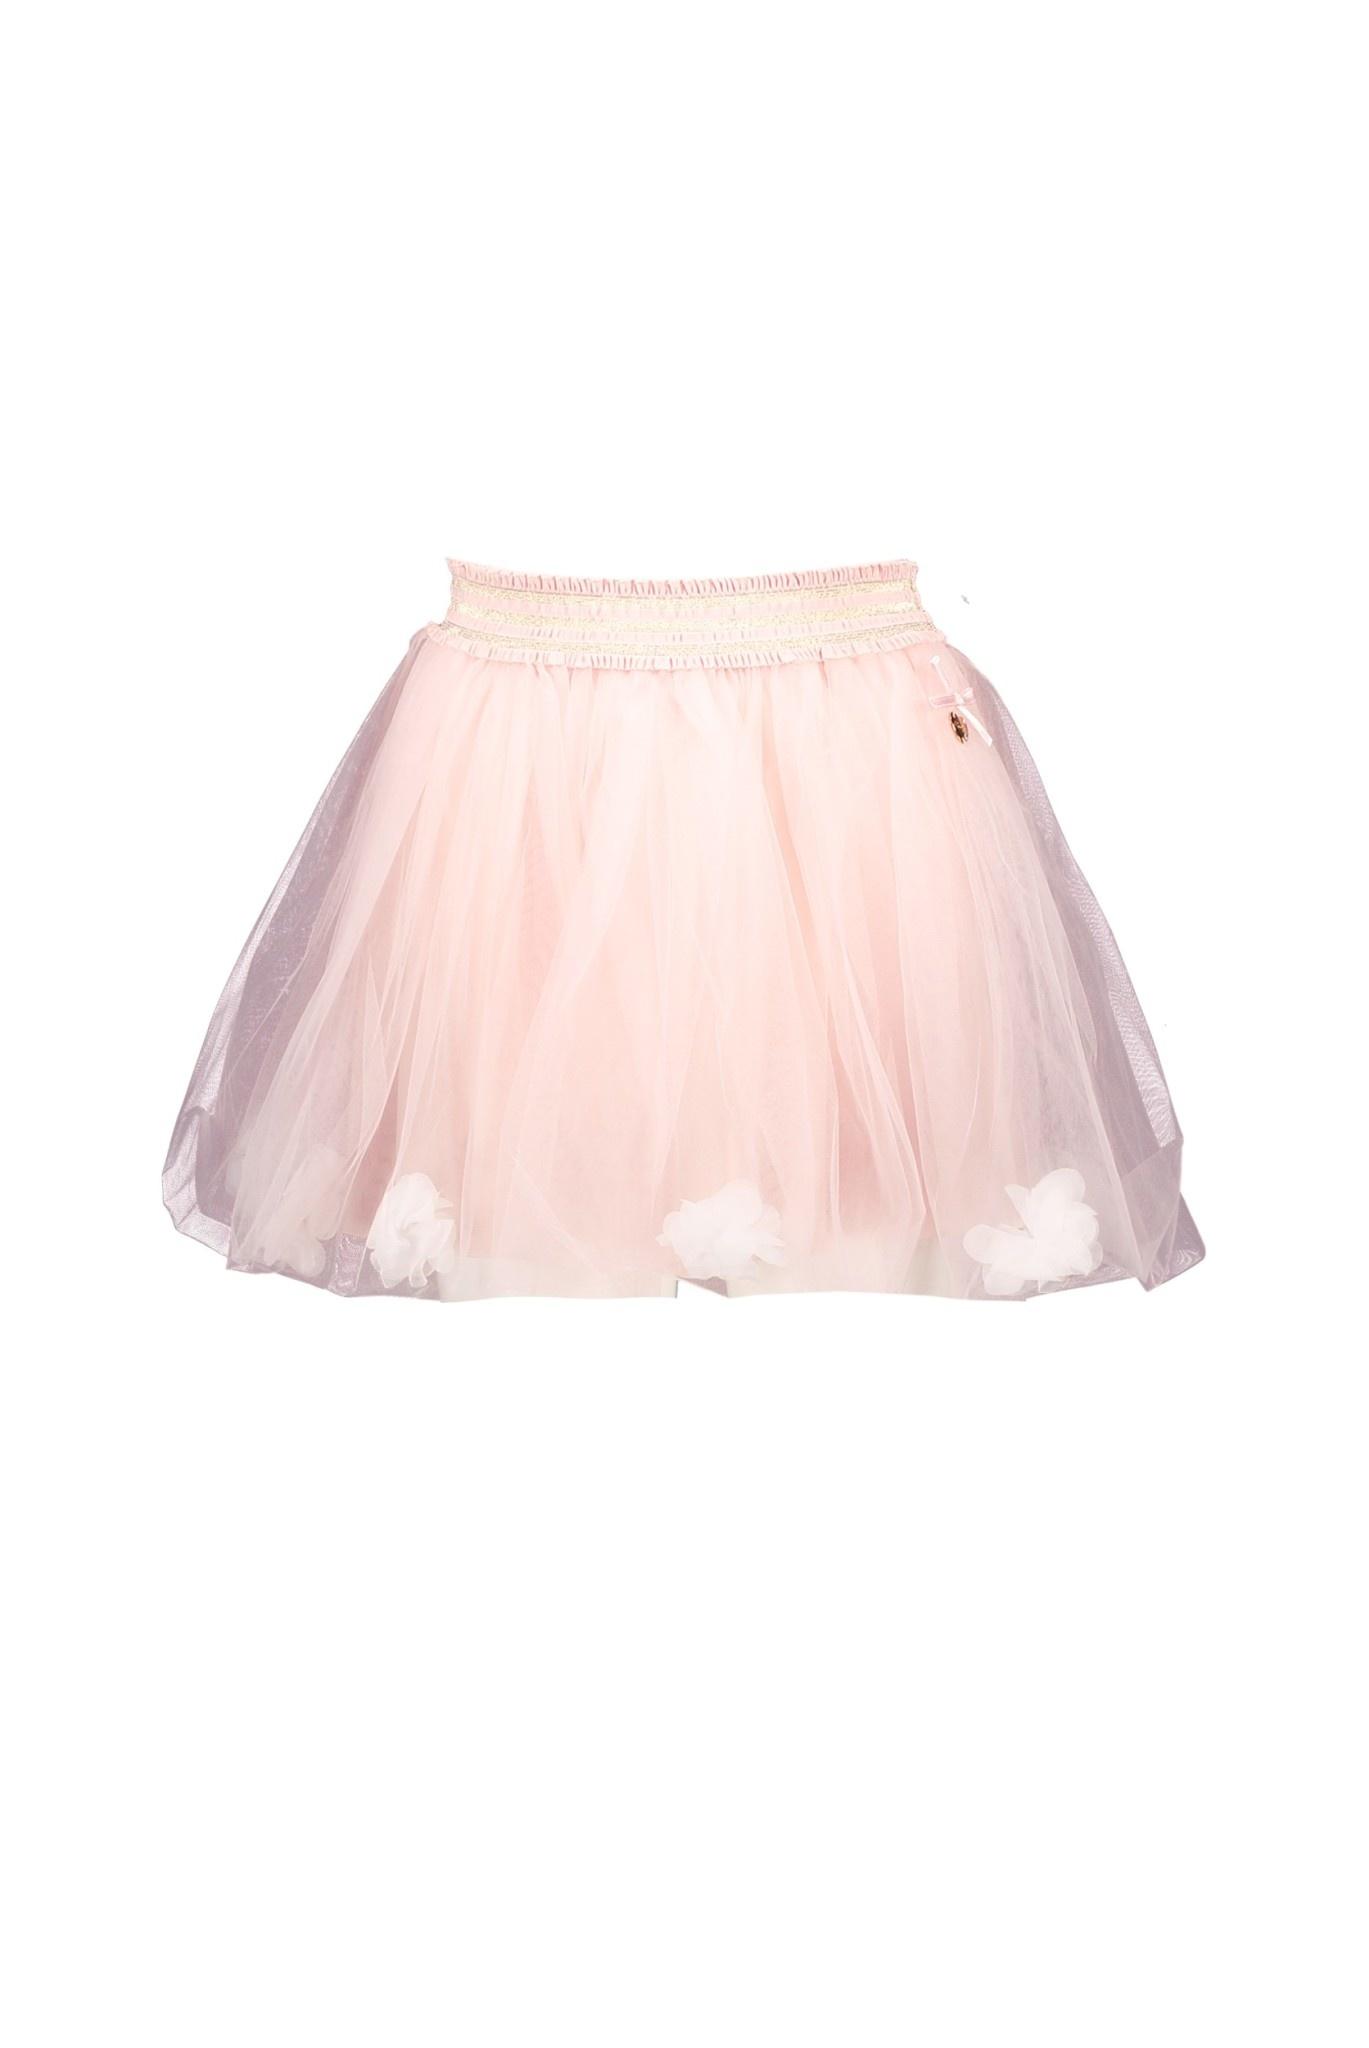 Lechic LeChic Pink Petticoat Flower Skirt